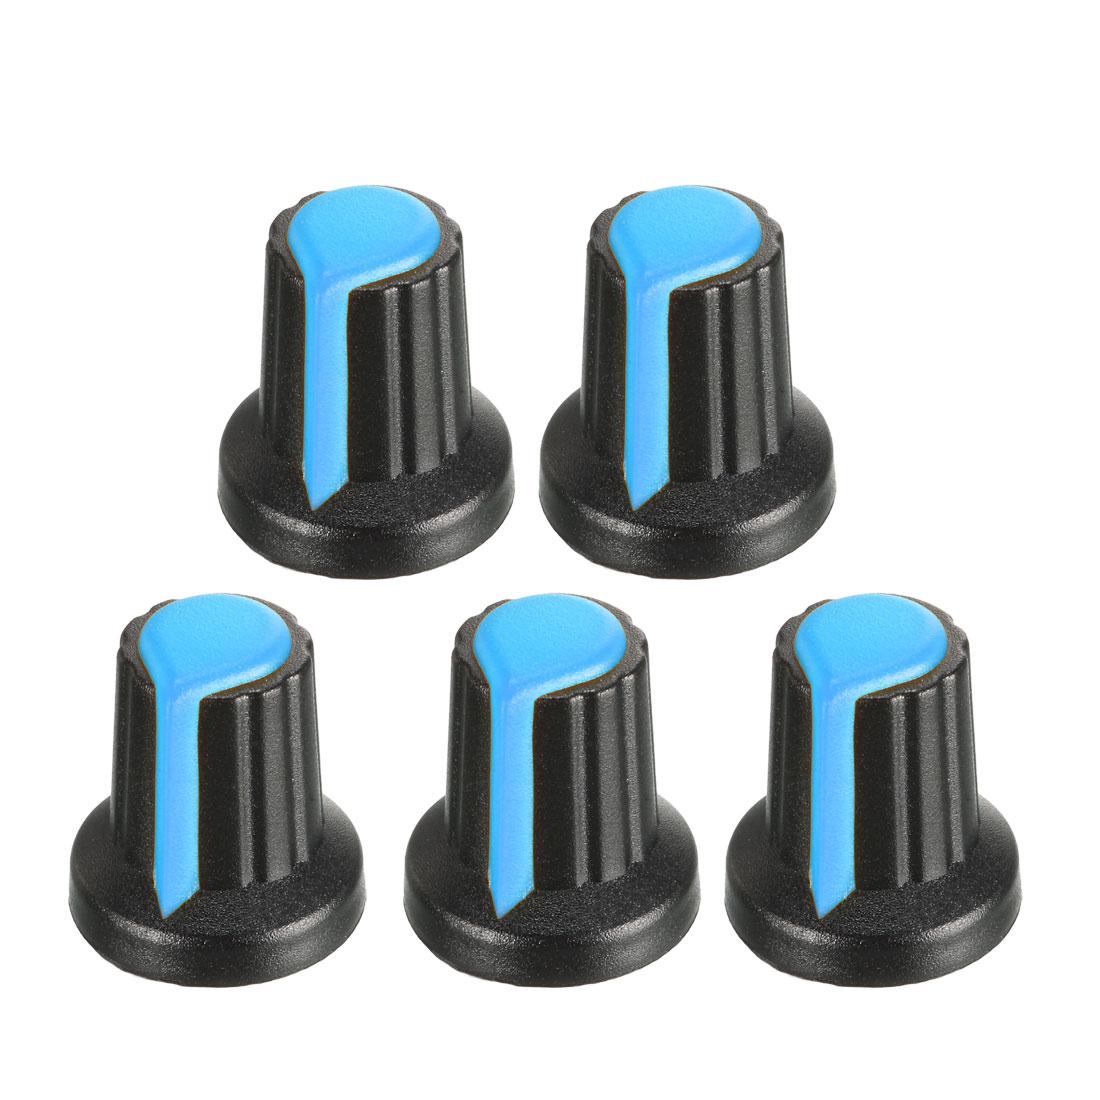 Uxcell 5Pcs 6mm Insert Shaft 17x16mm Plastic Potentiometer Rotary Knob Blue